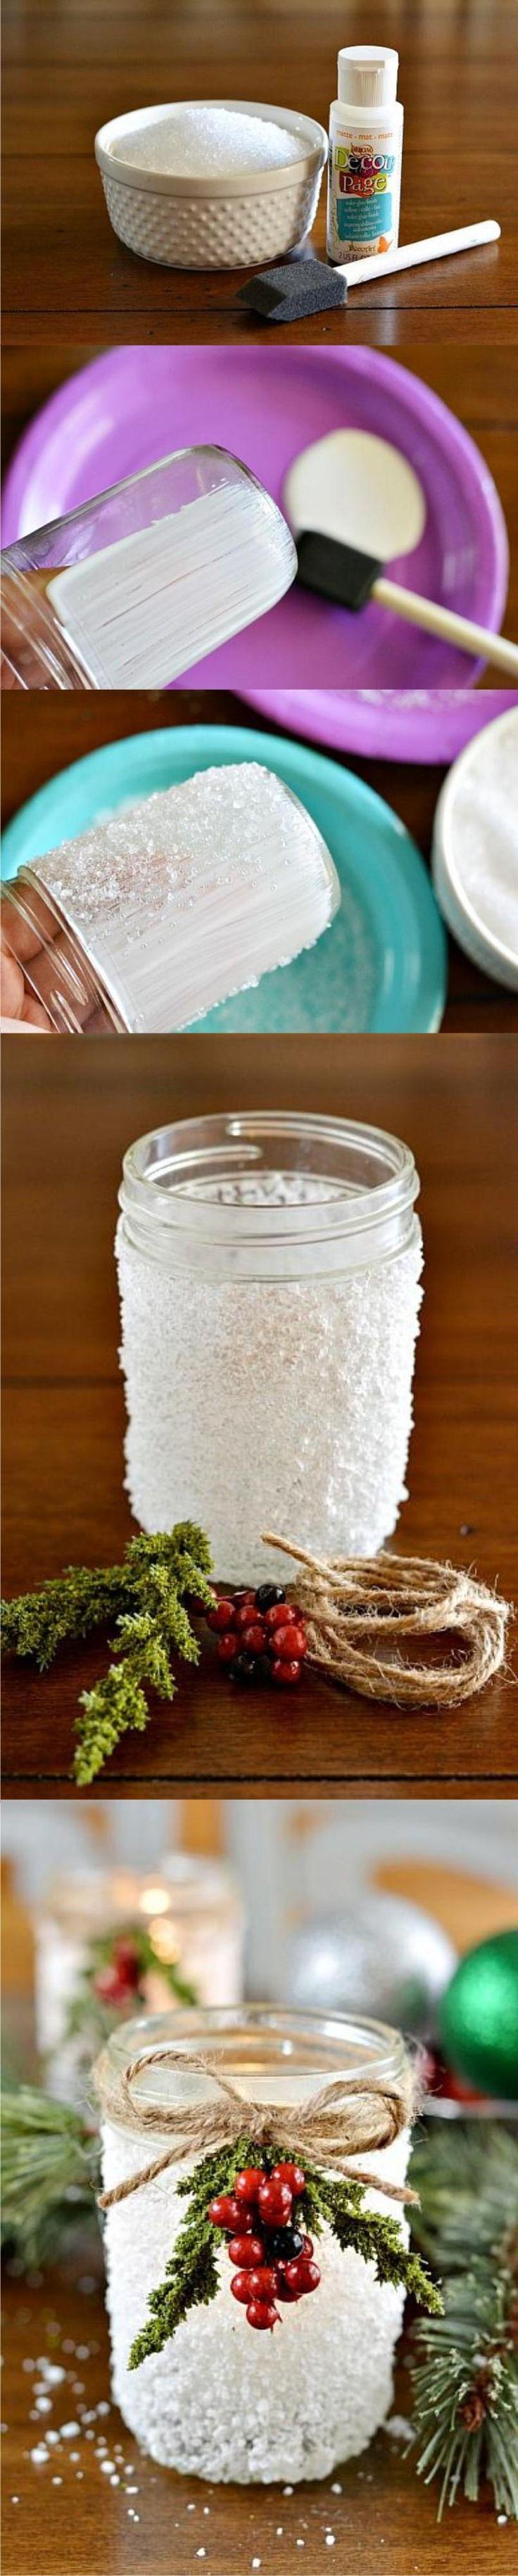 Decoración mesa navidad - decoart.com - DIY Christmas Jar